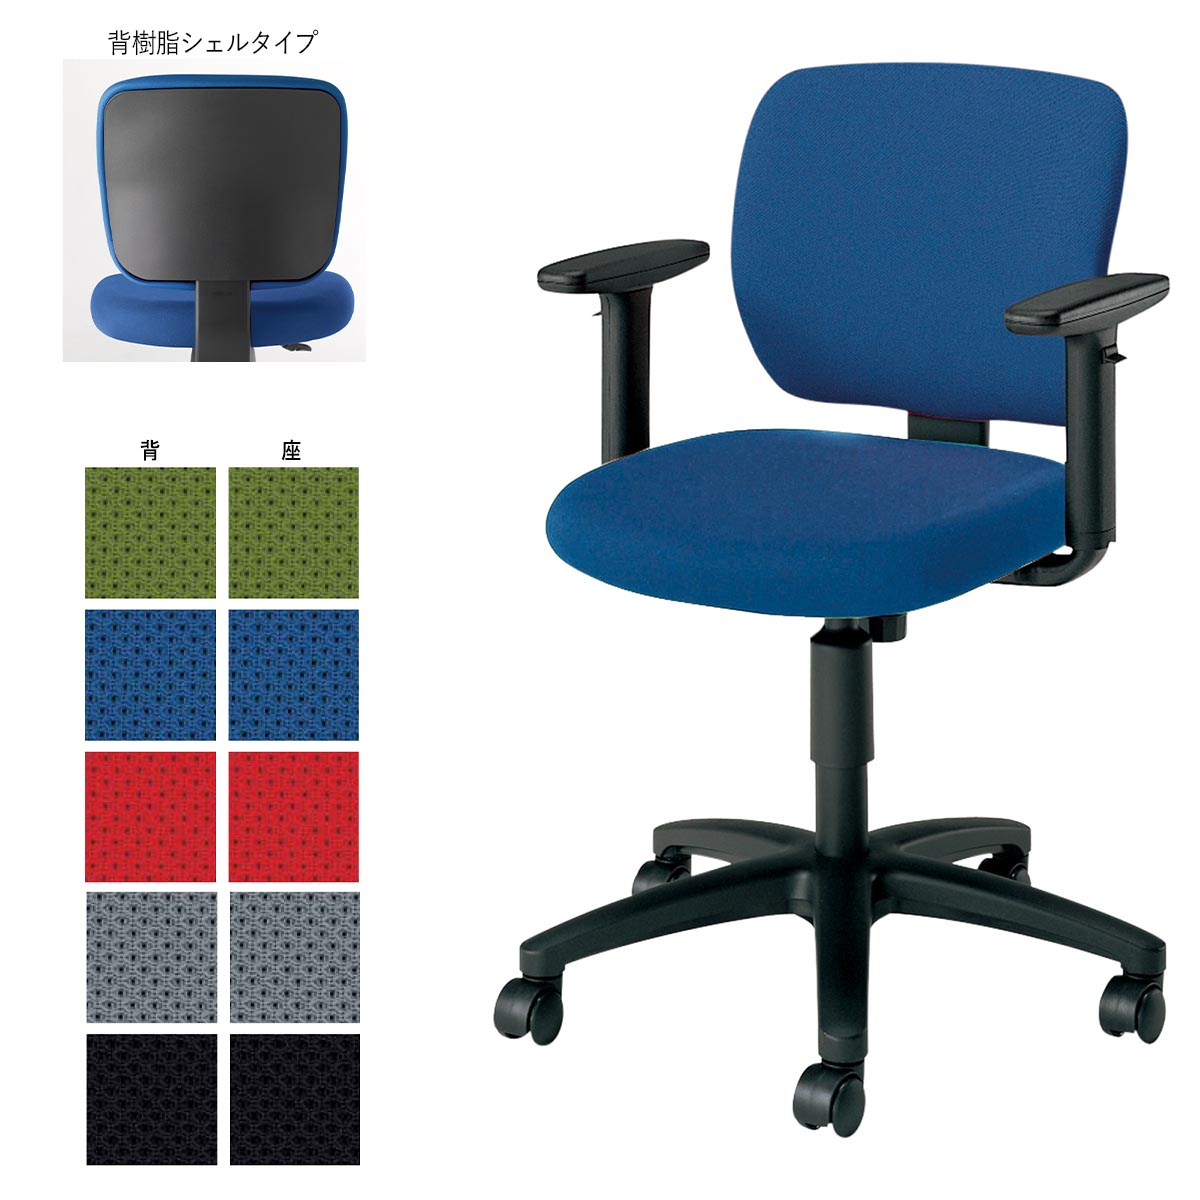 コクヨ デスクチェア オフィスチェア 椅子 EAZA イーザ 背樹脂シェルタイプ 可動肘付き -v フローリング用キャスター